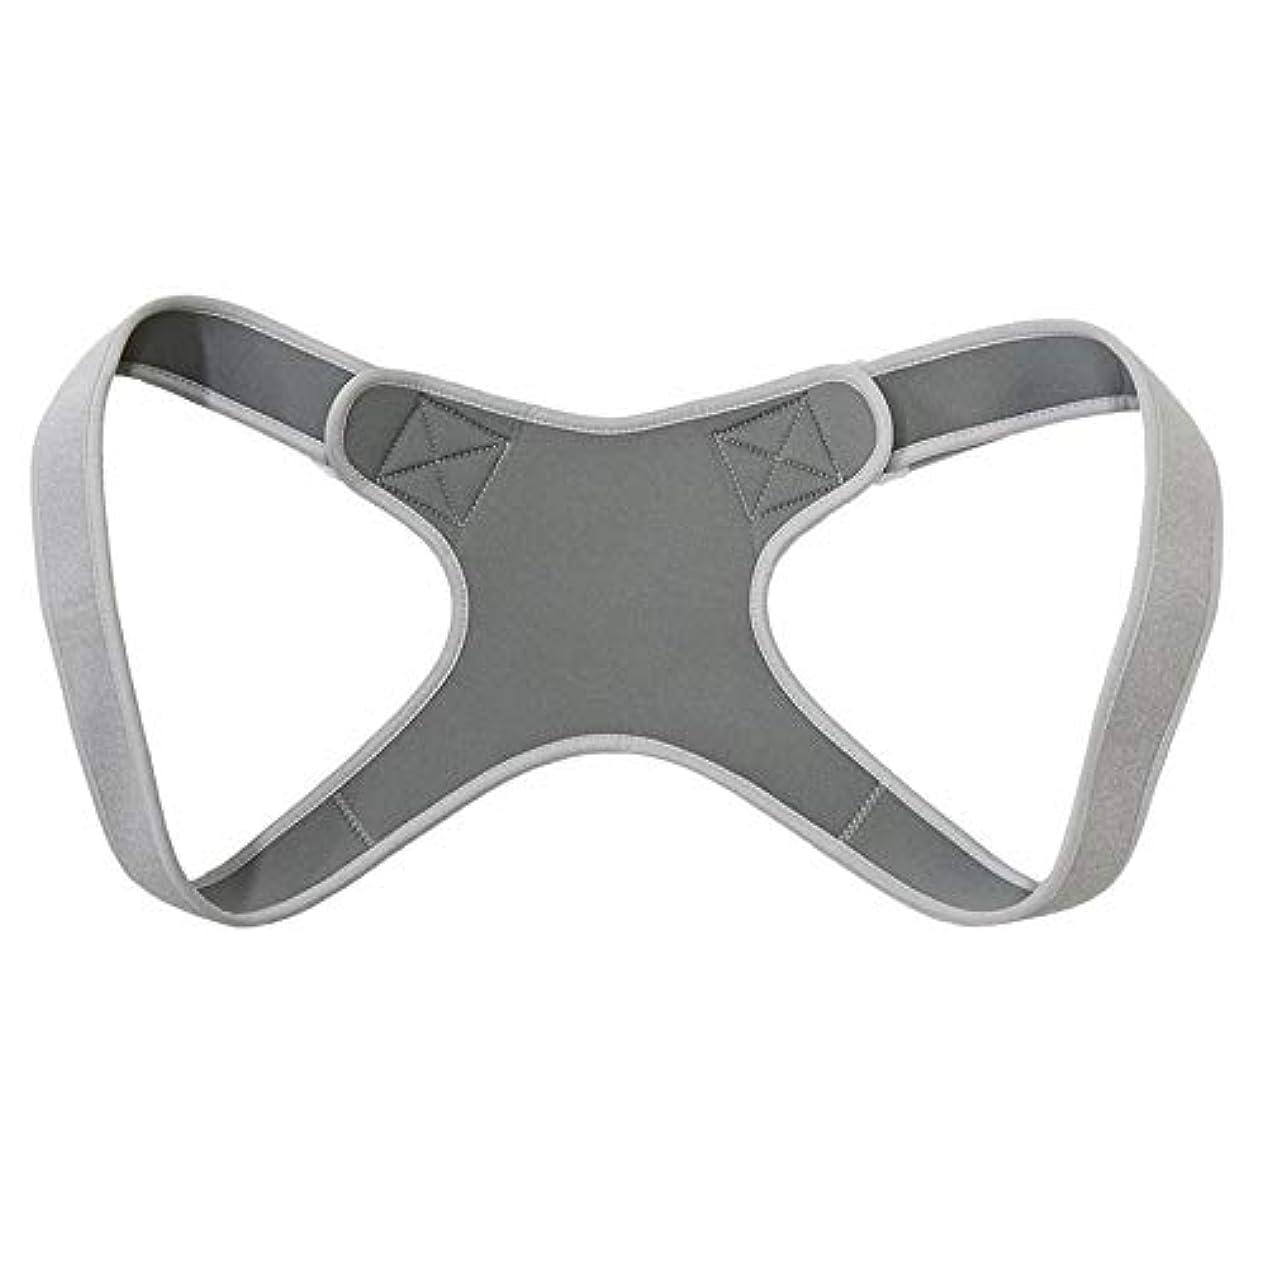 詳細な異形免除新しいアッパーバックポスチャーコレクター姿勢鎖骨サポートコレクターバックストレートショルダーブレースストラップコレクター - グレー